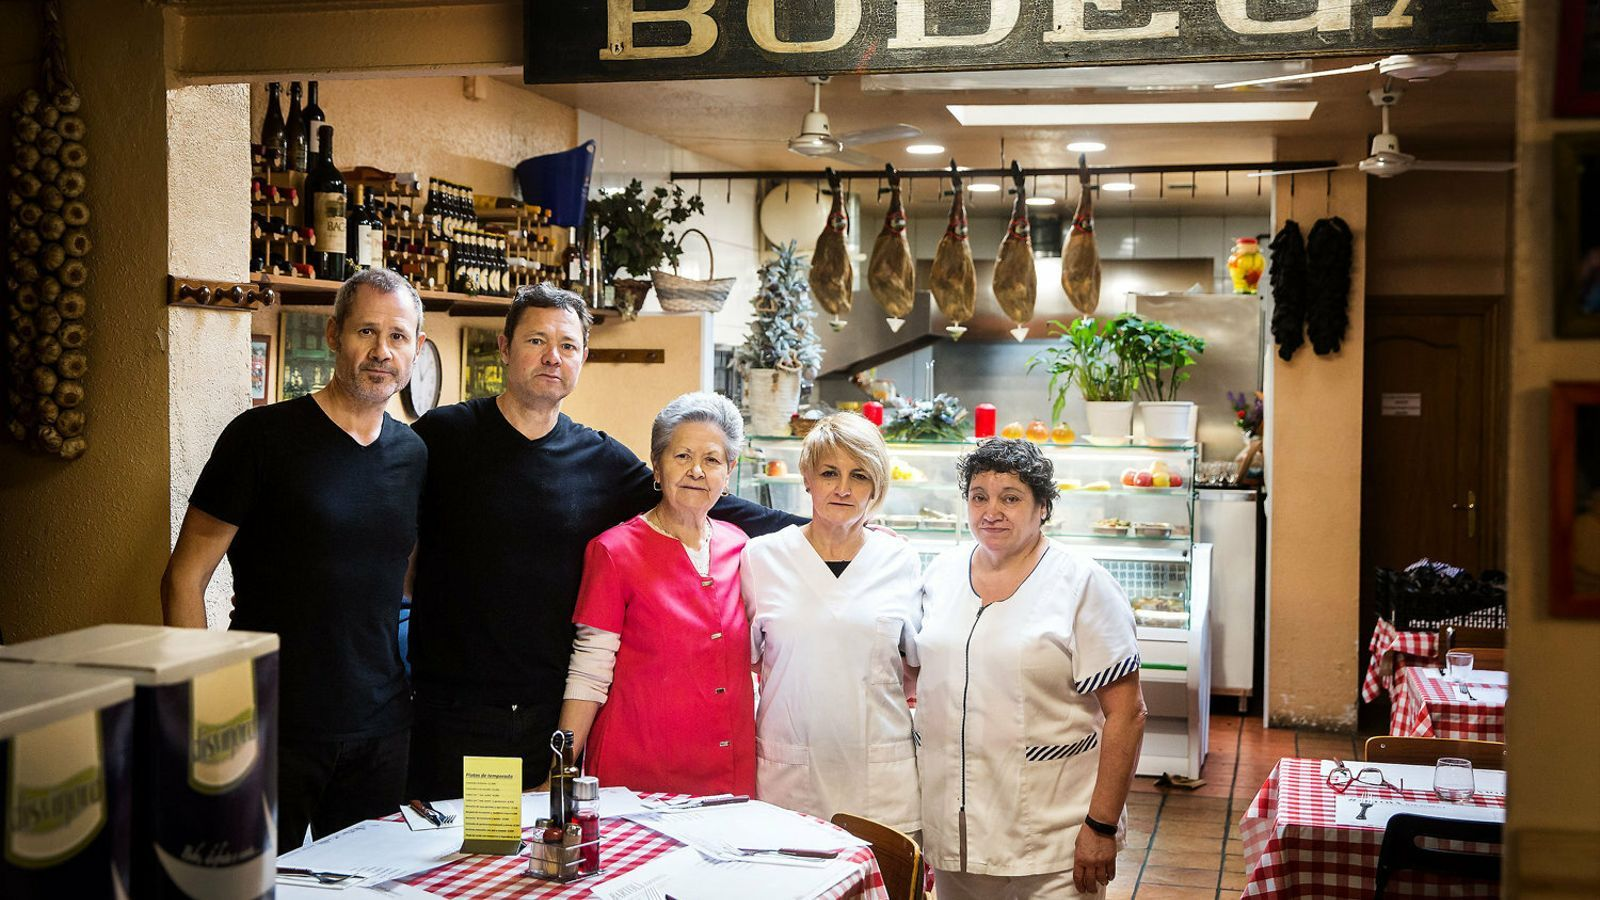 D'esquerra a dreta, el Vicens, l'Albert, la Marina, la Katy i la Pilar a la Bodega Bartolí.